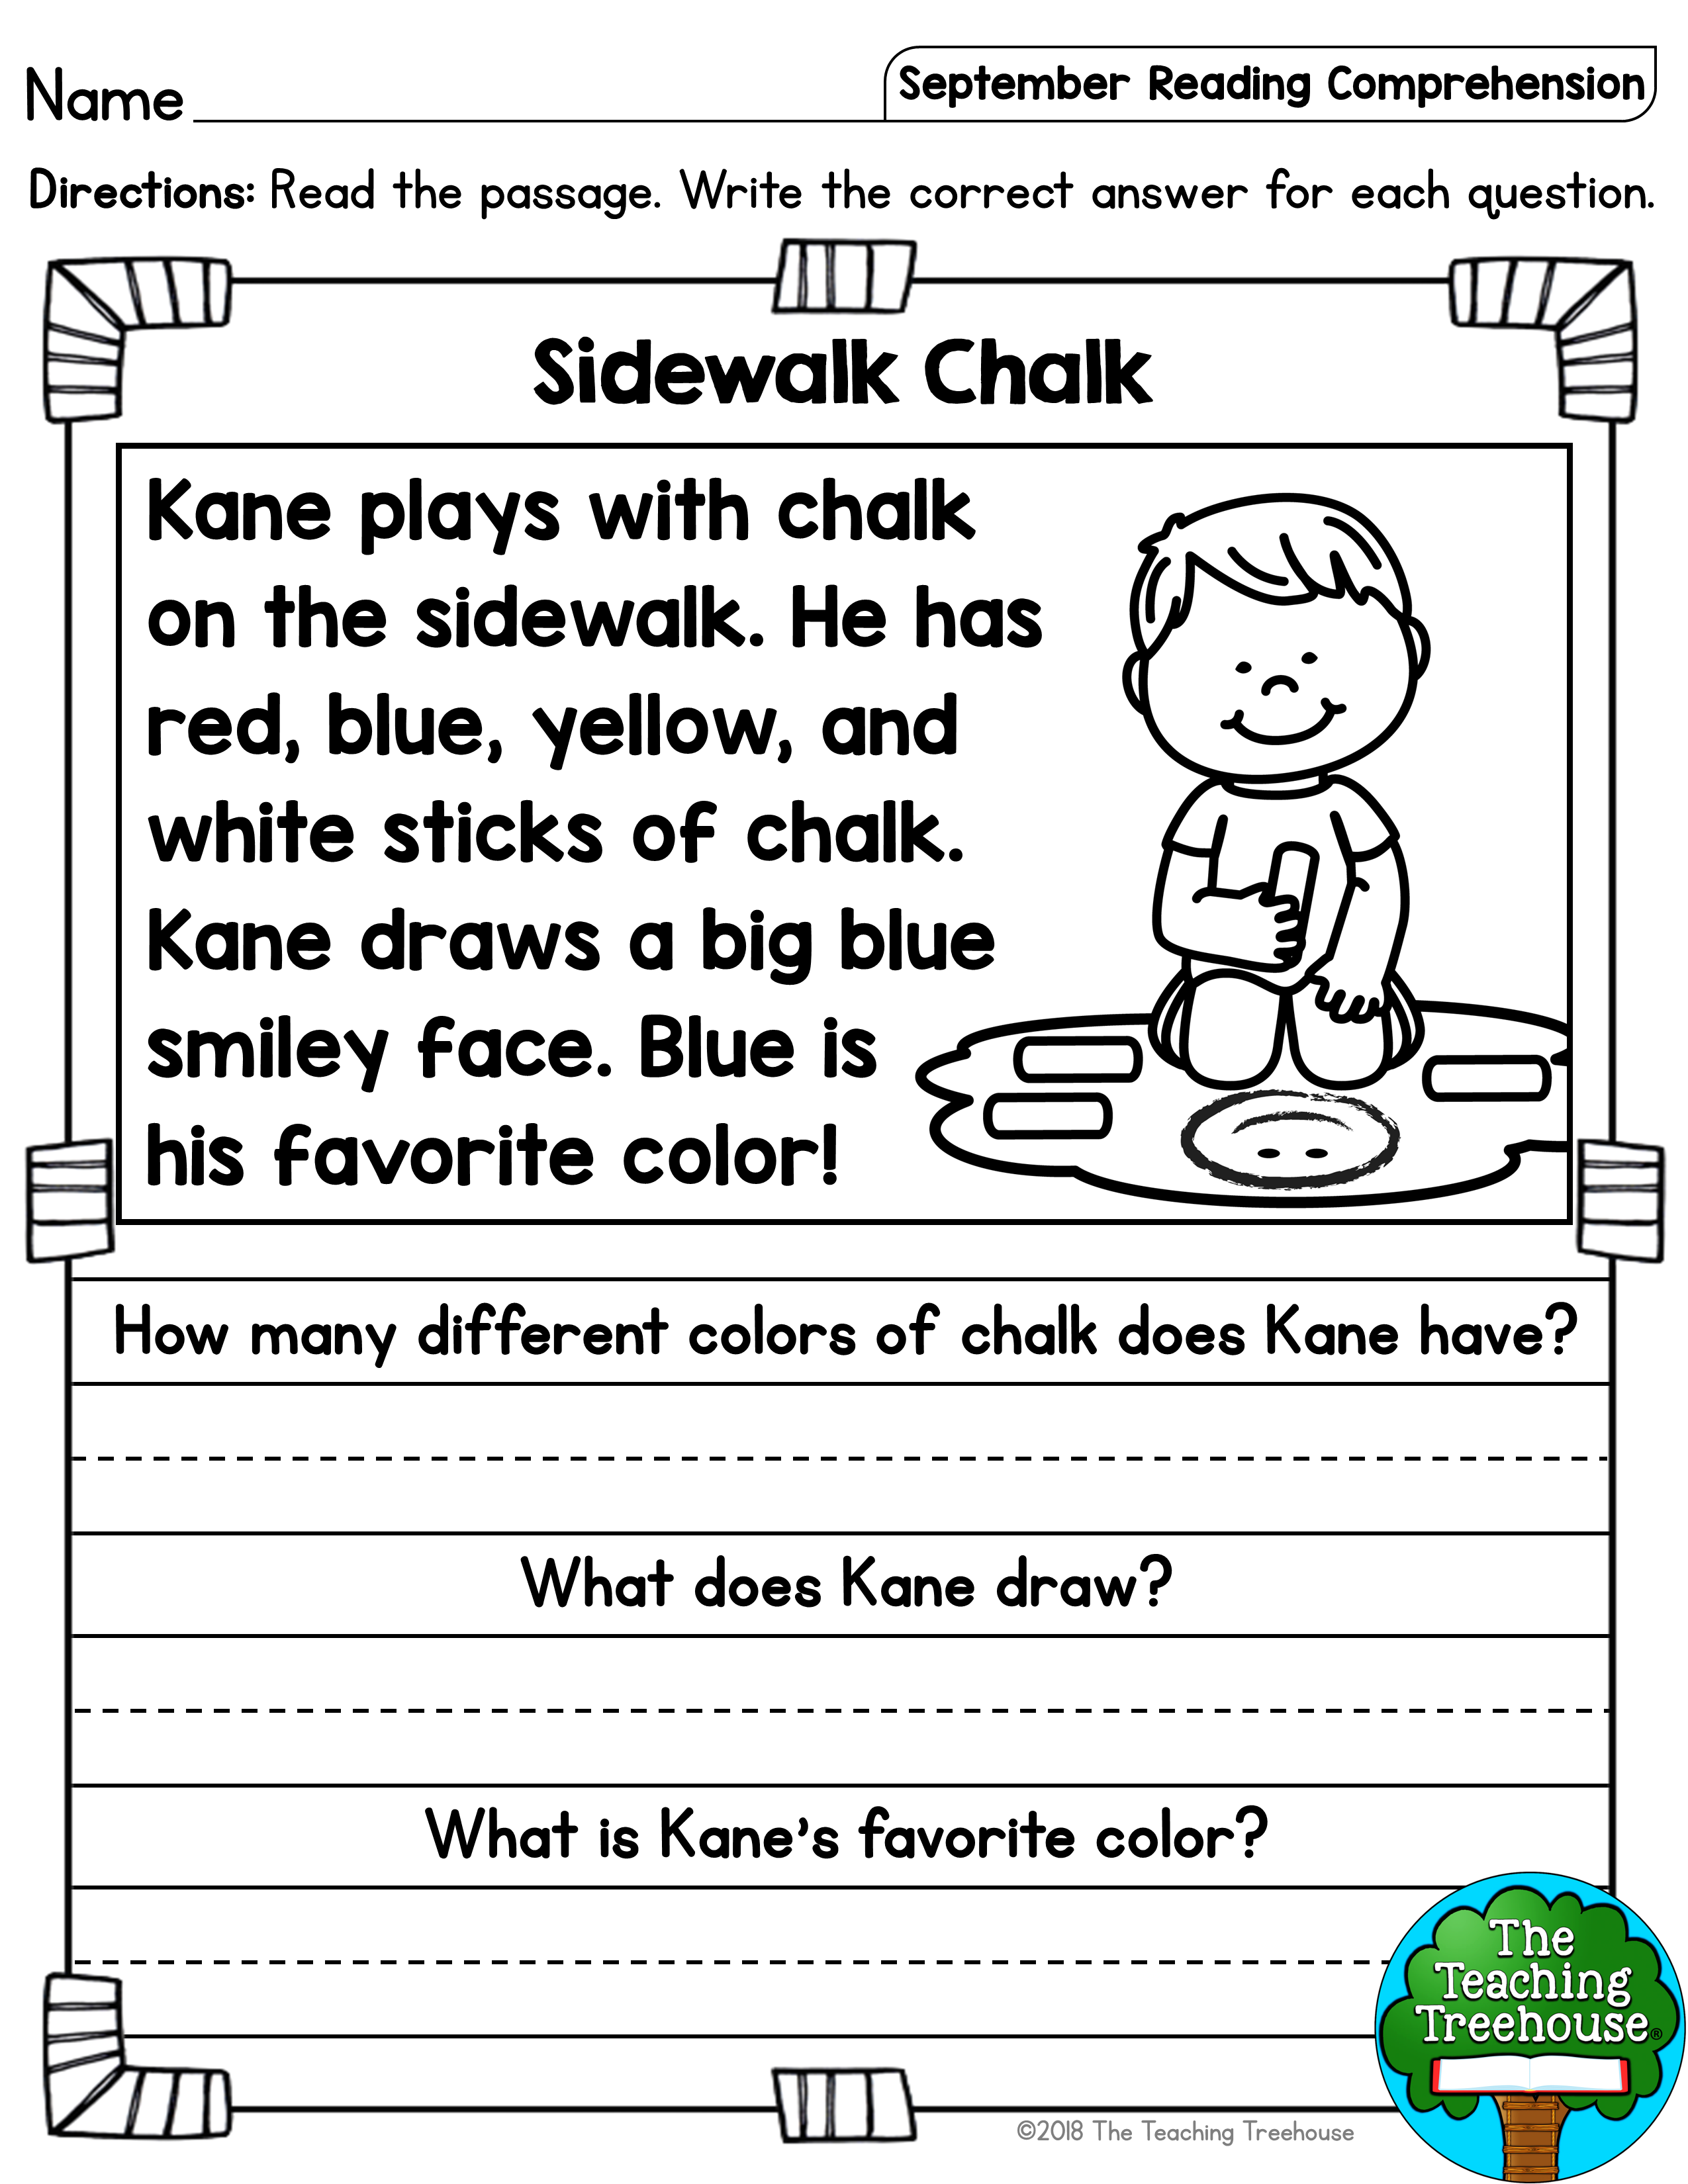 - September Reading Comprehension Passages For Kindergarten And